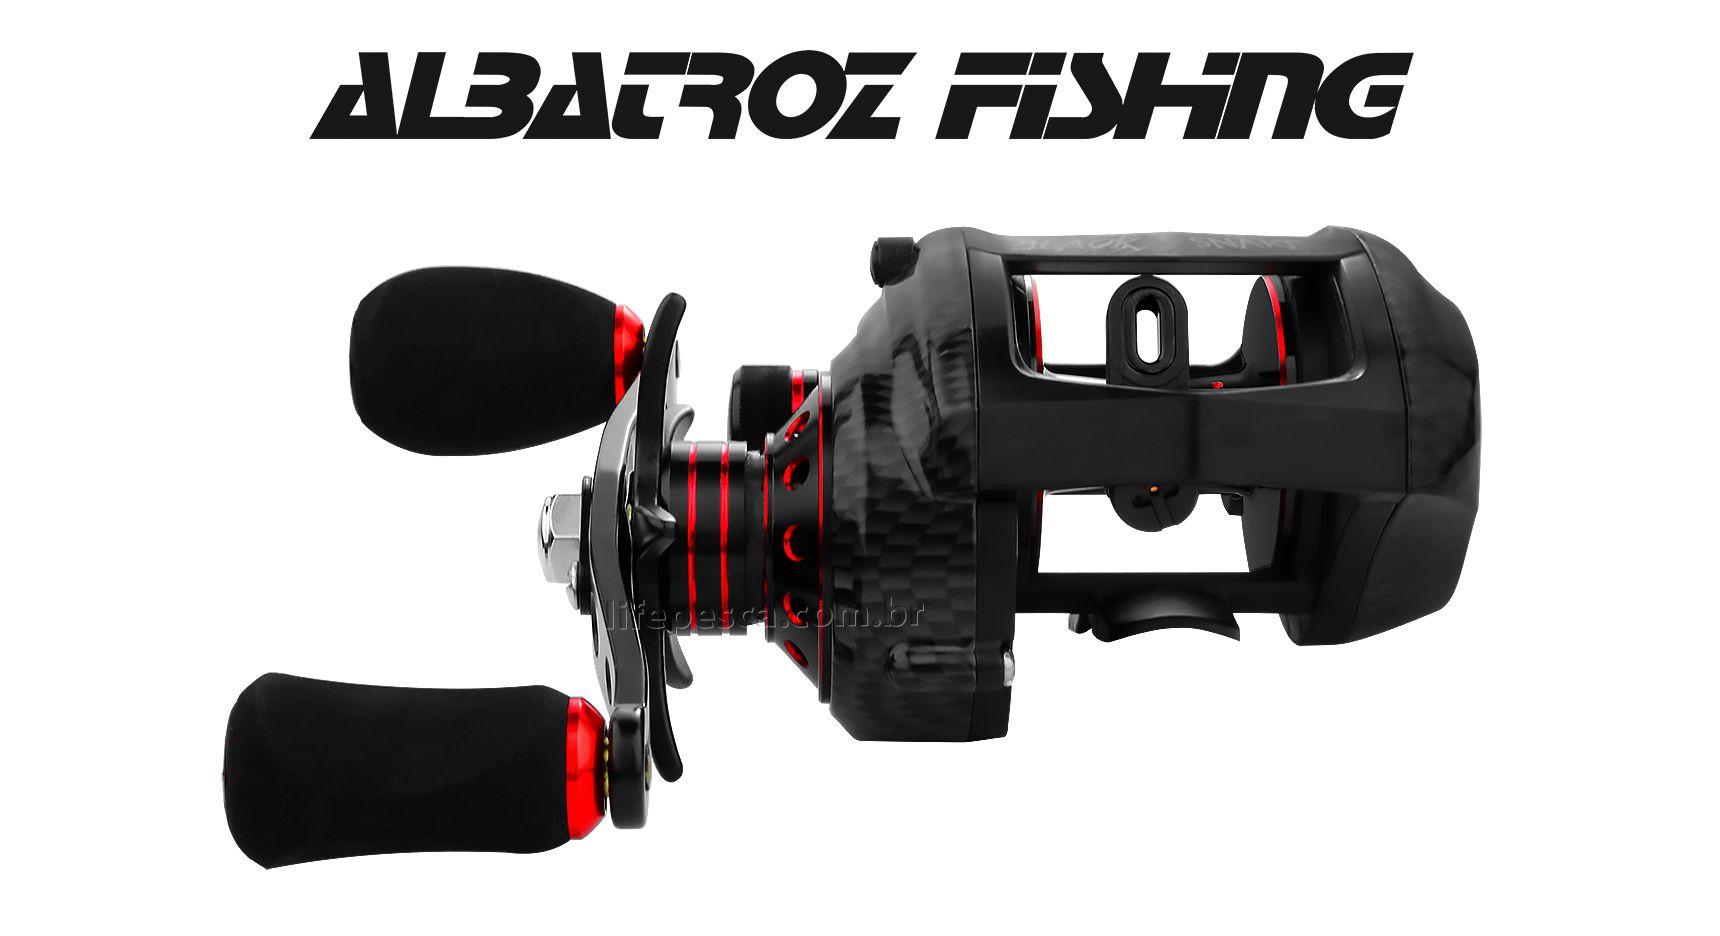 Carretilha Perfil Baixo Albatroz Fishing Black Snake - 14kg Drag  - Life Pesca - Sua loja de Pesca, Camping e Lazer